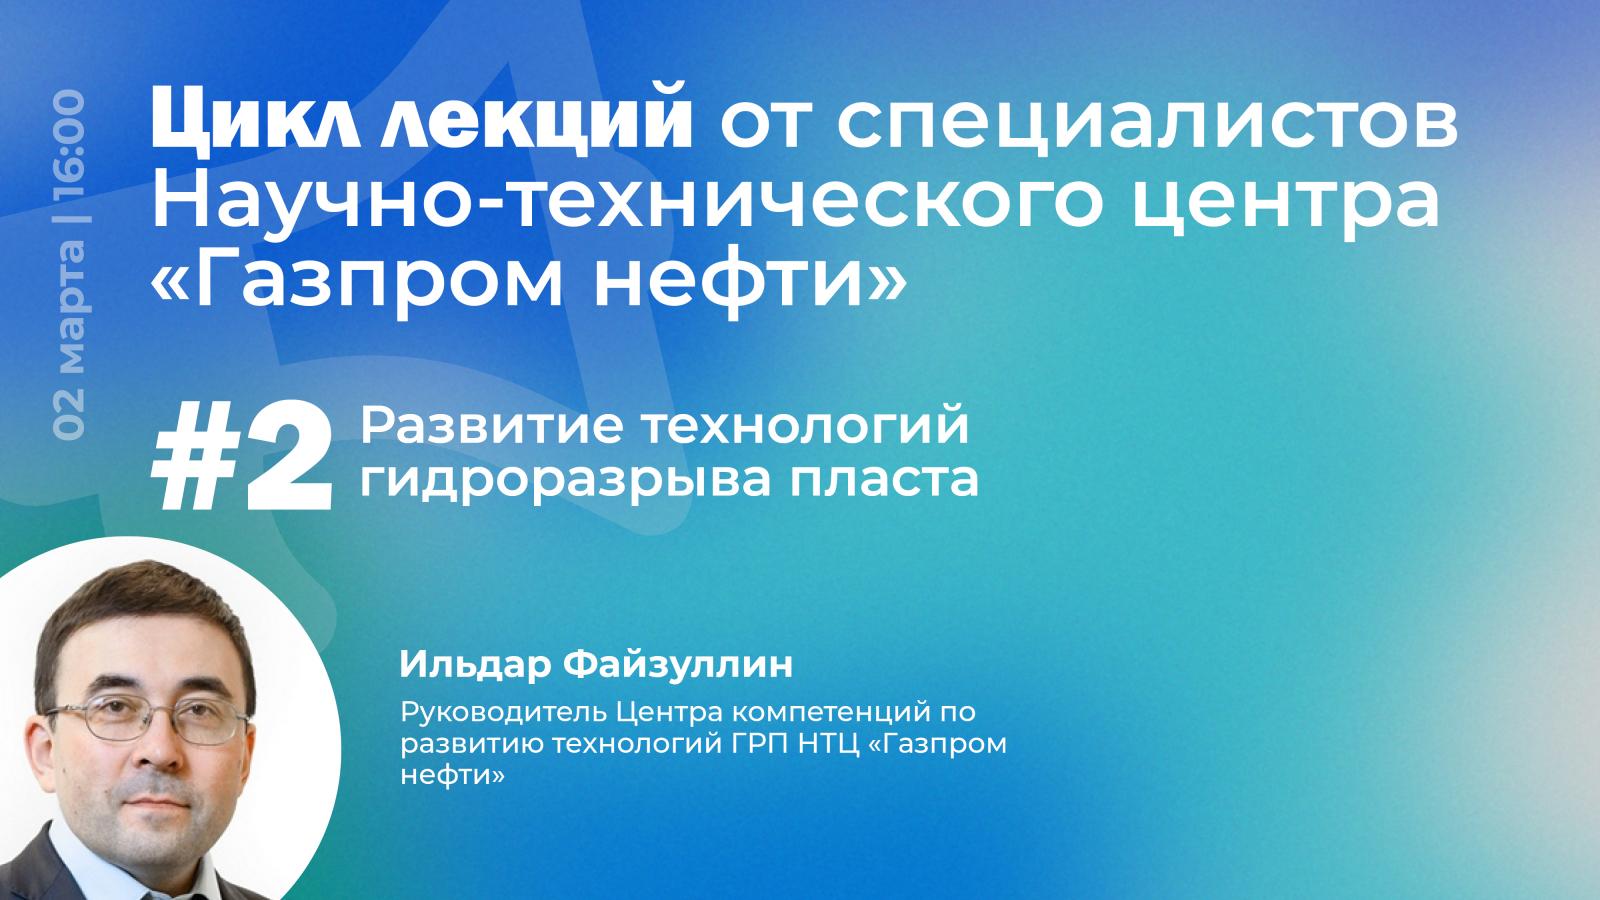 Специалист НТЦ «Газпром нефти» – о развитии технологий гидроразрыва пласта